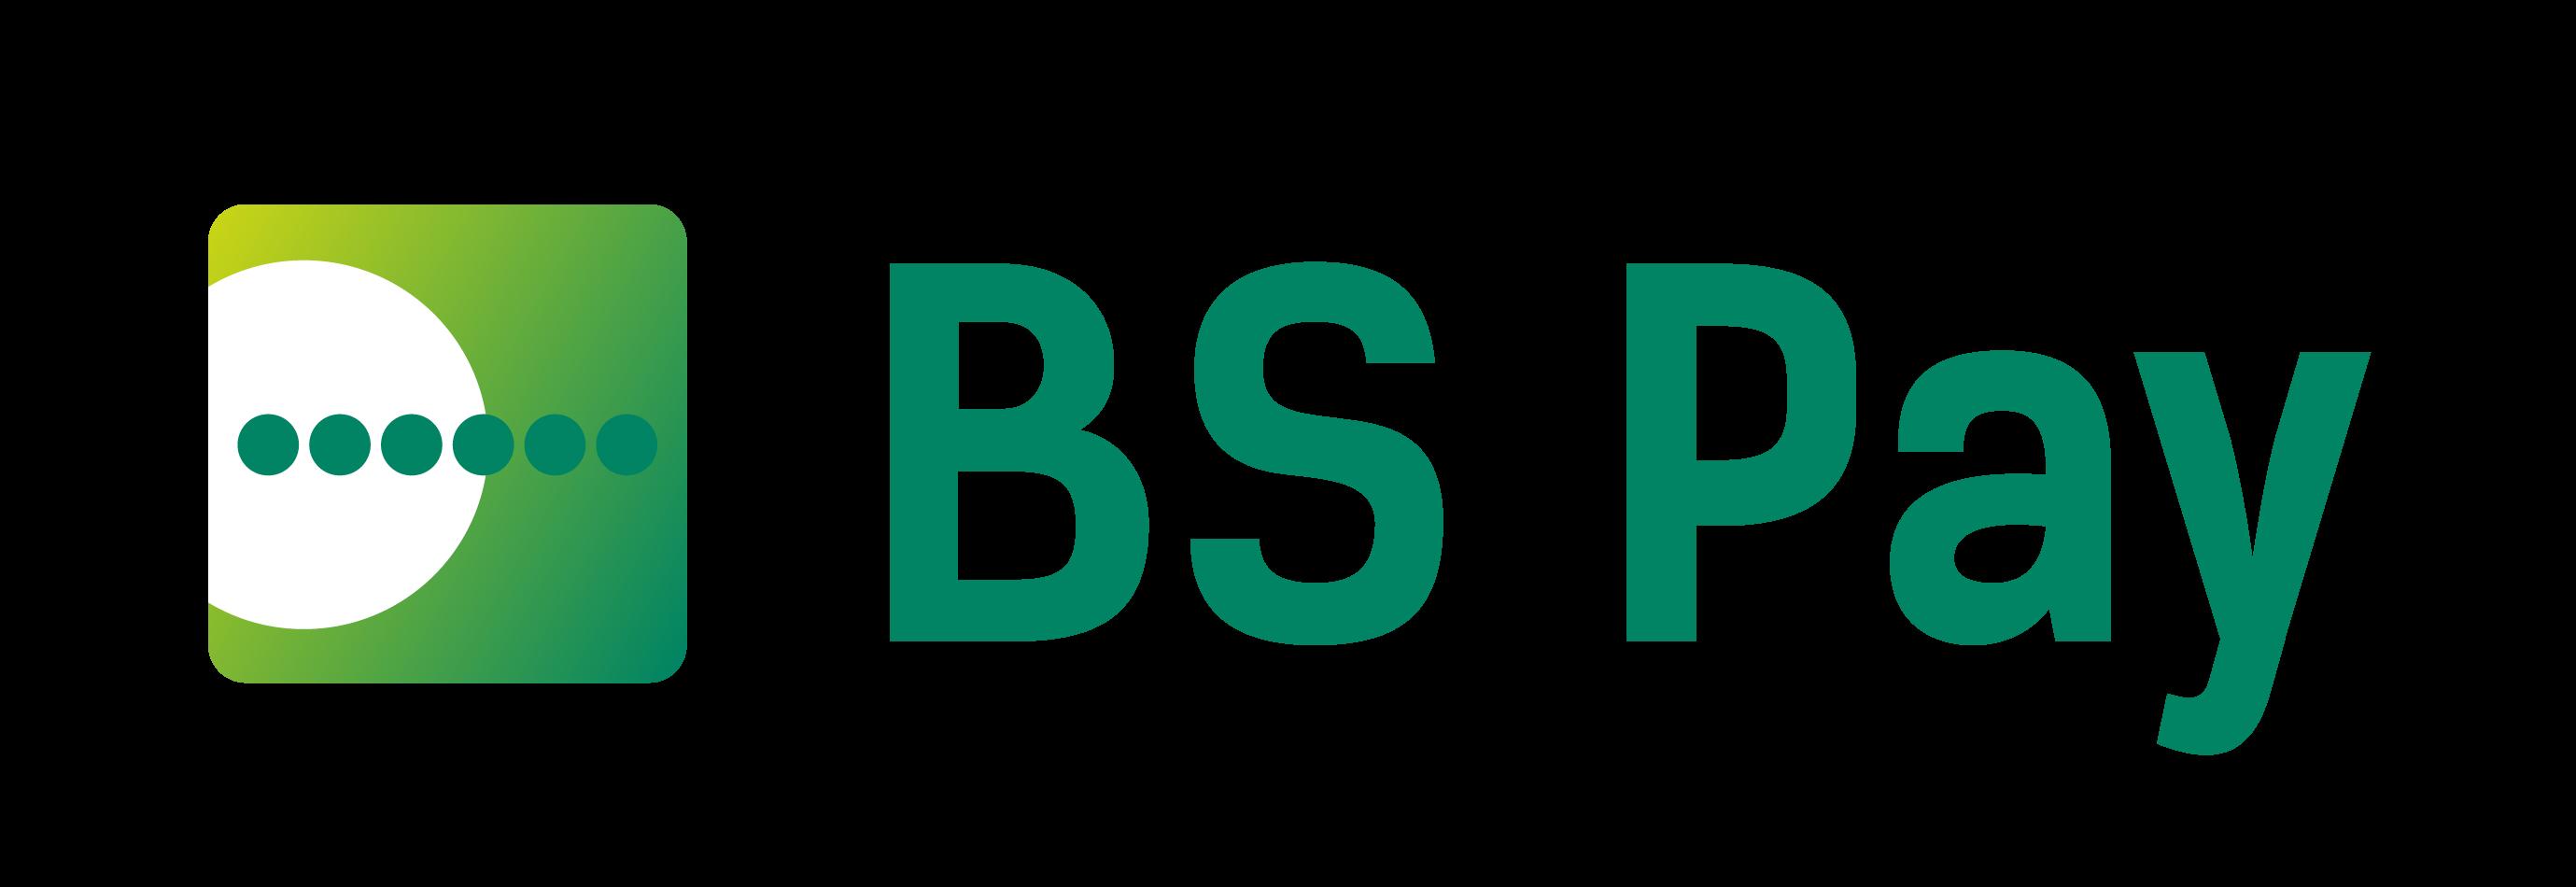 Nowa aplikacja BS Pay - Bank Spółdzielczy w Głubczycach